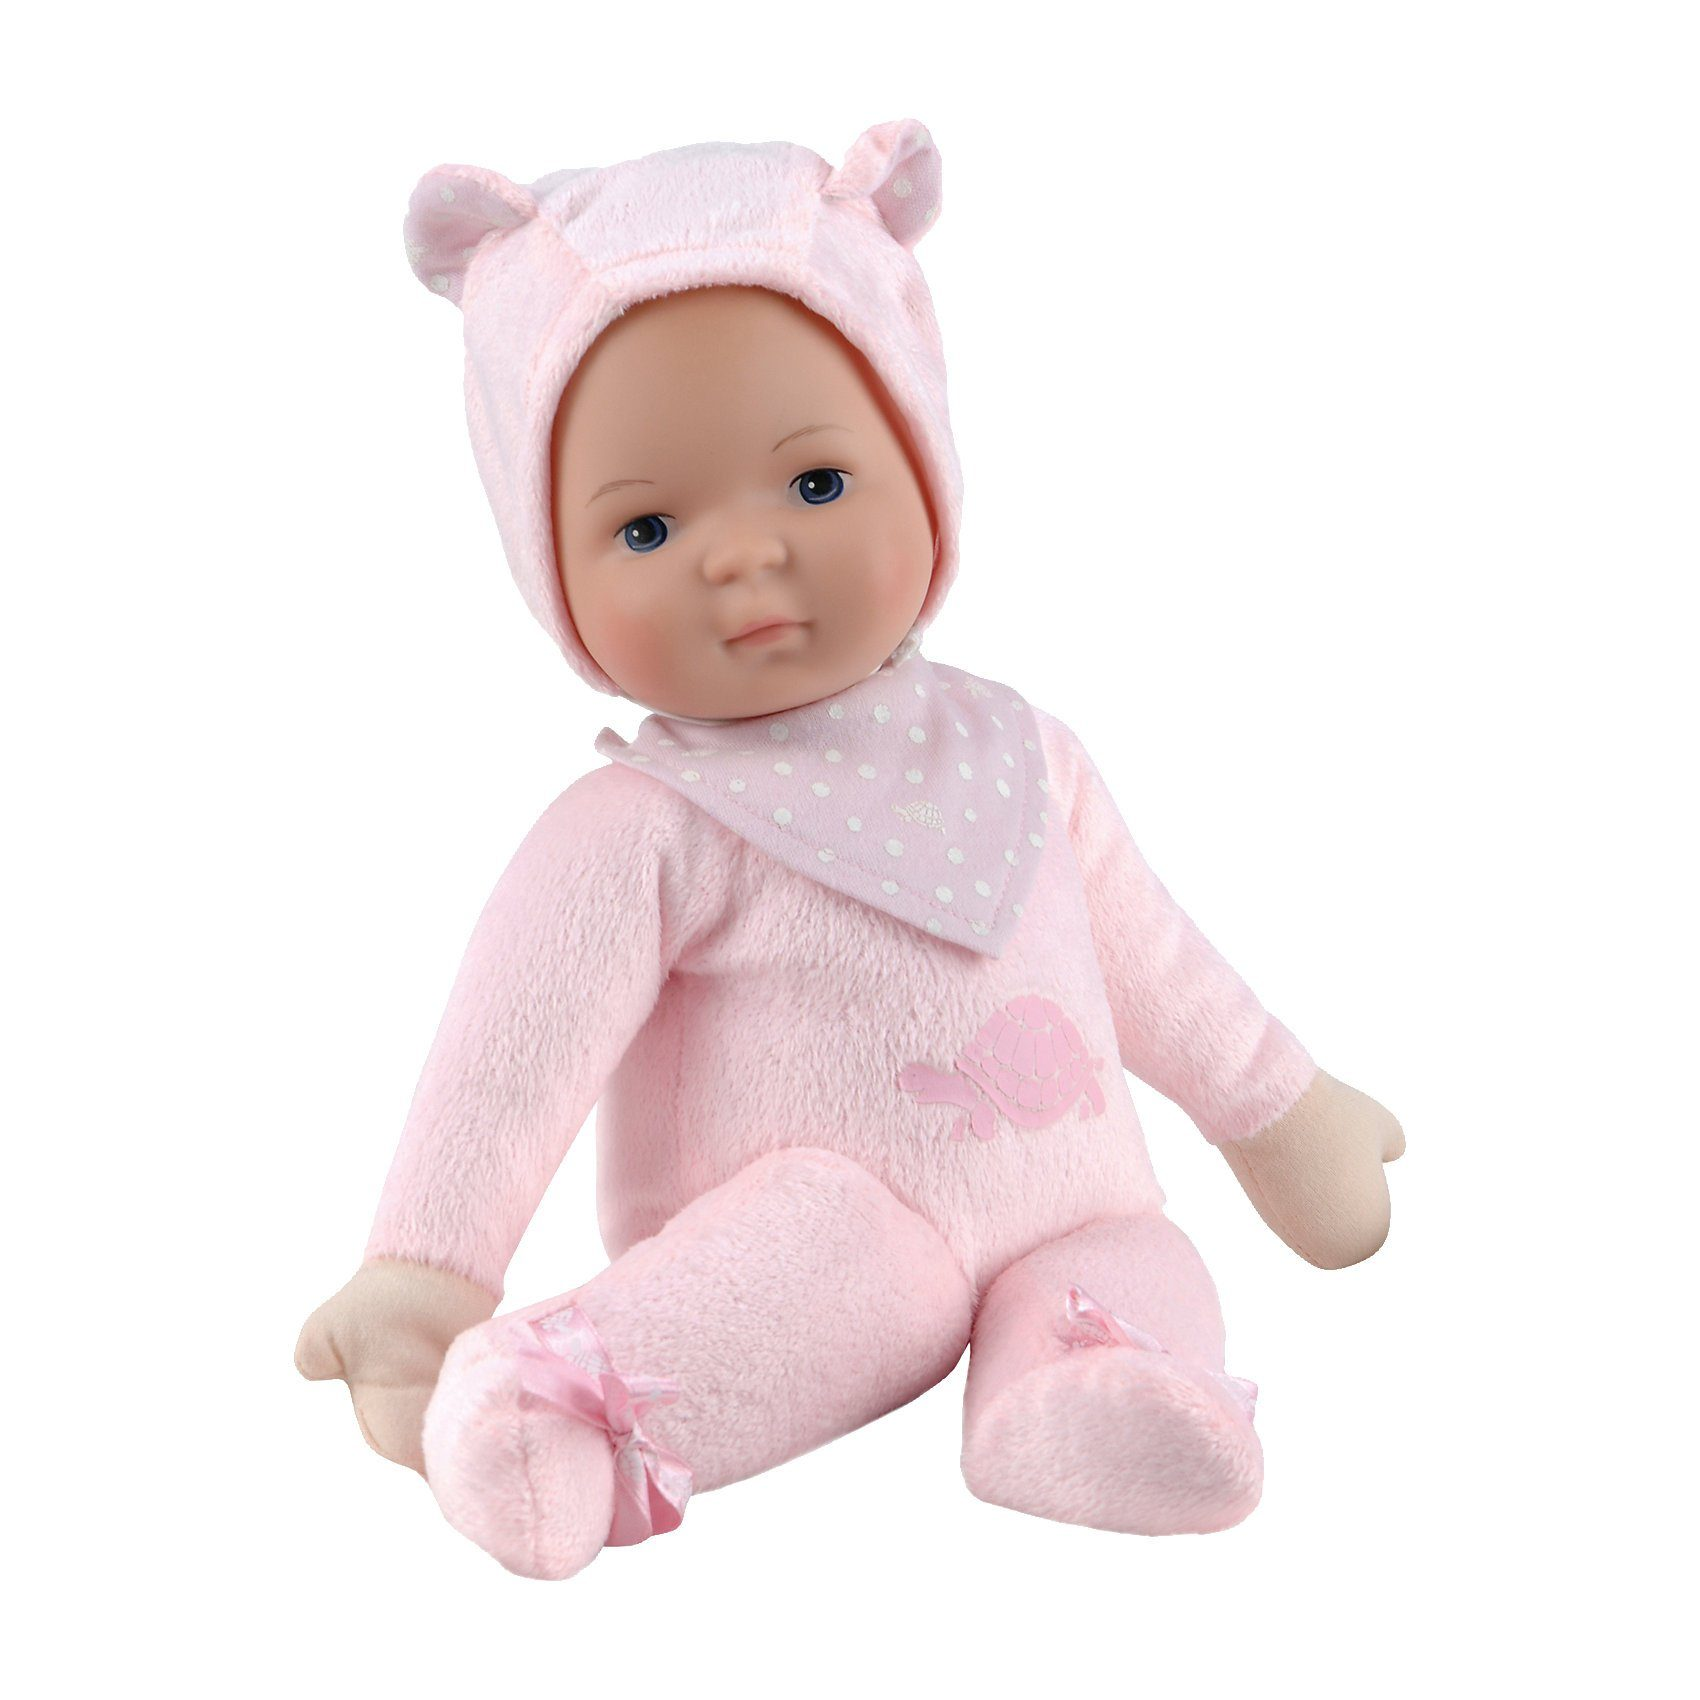 Stadlbauer Schildkröt Schmuserle 35 cm, rosa Babypuppe